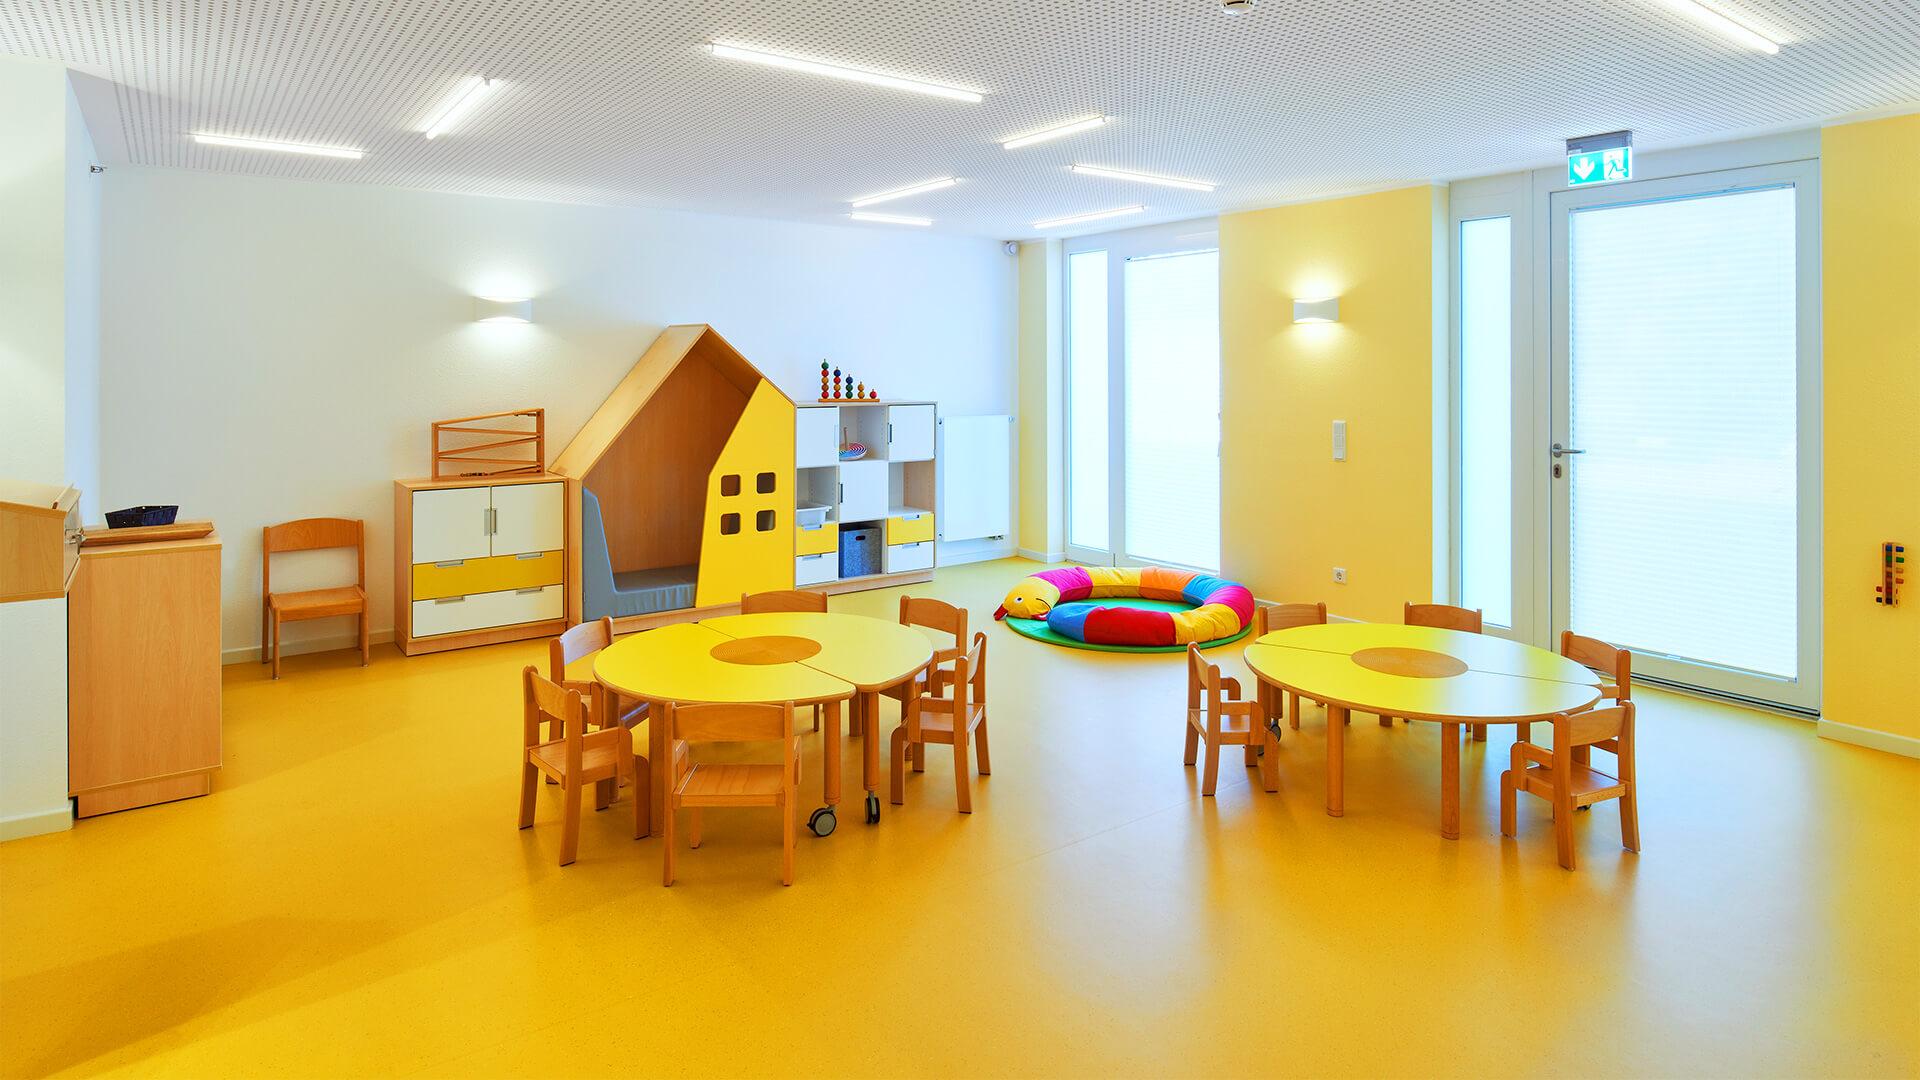 Sonnengelber Raum in einem Betriebskindergarten mit Sitzkreis und Kinderstühlen